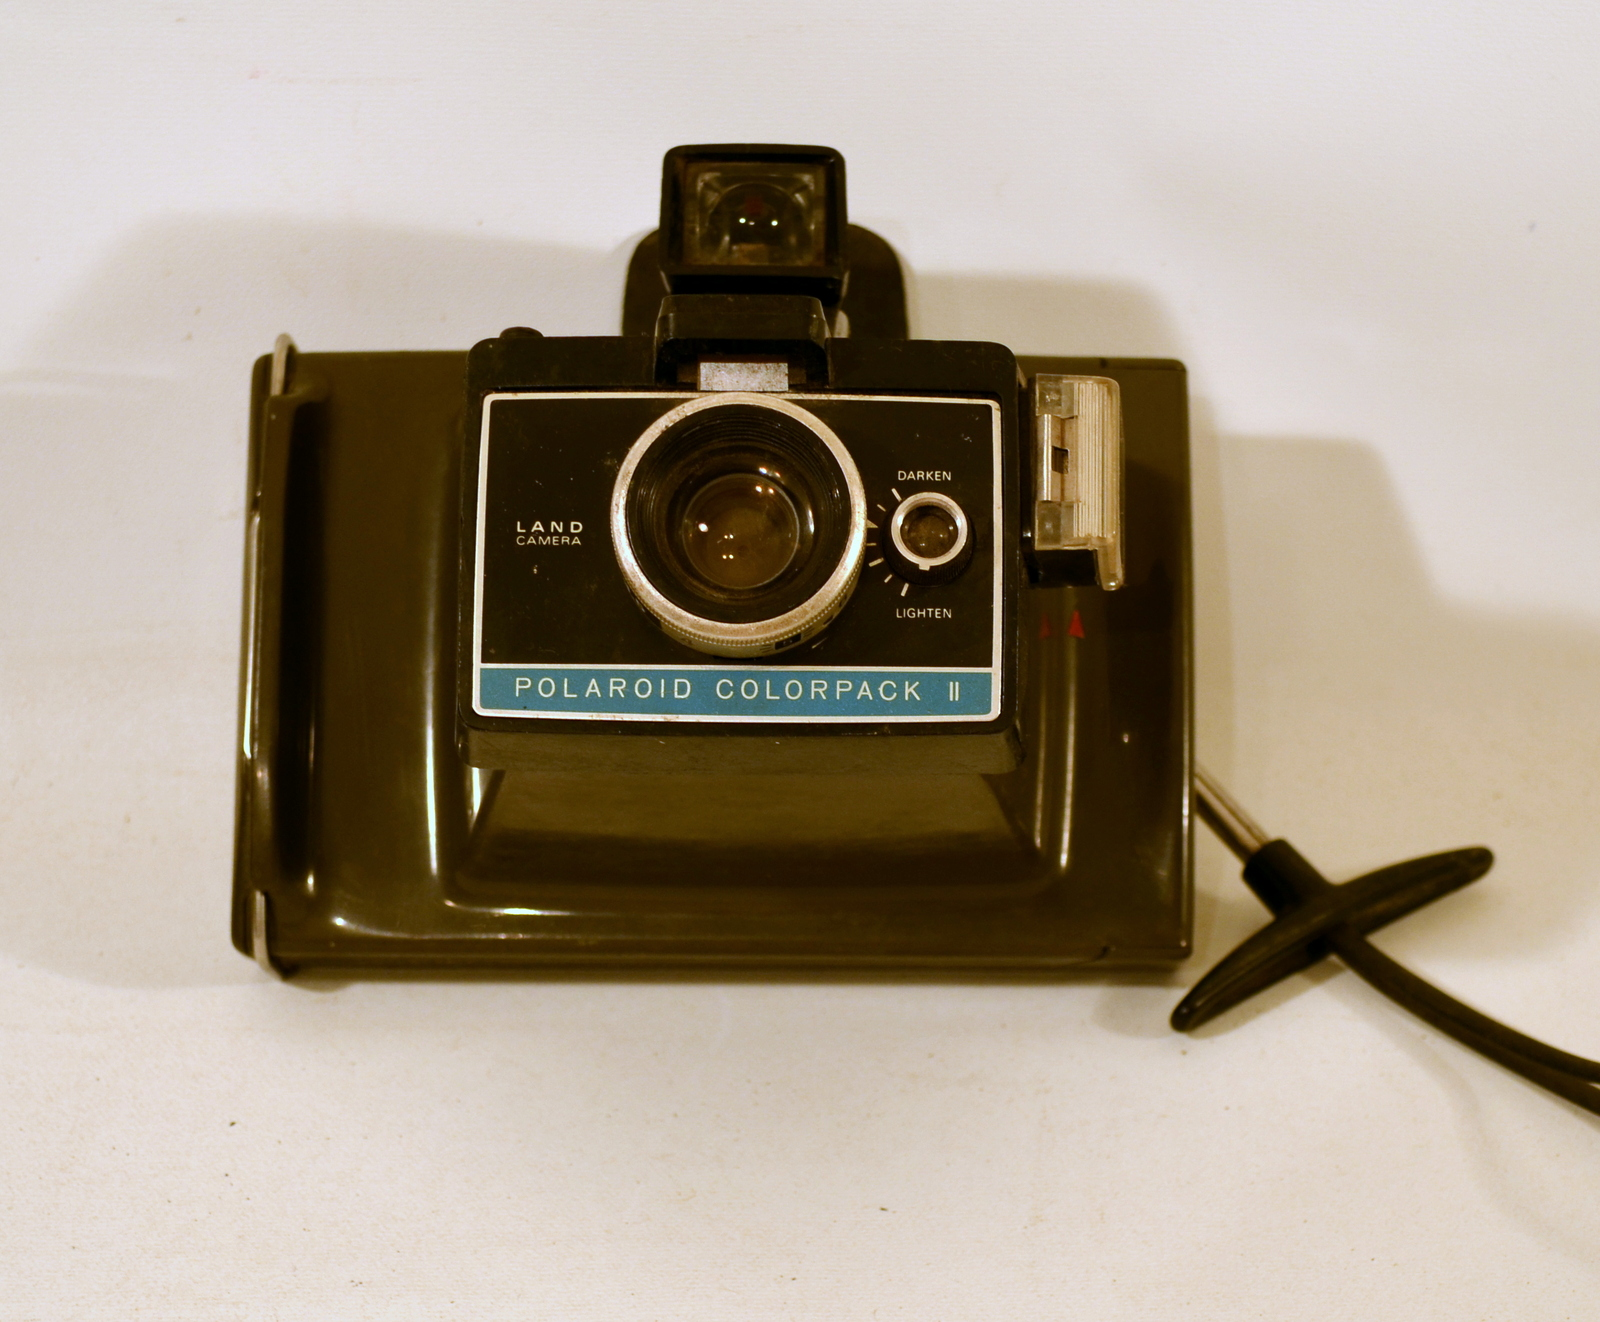 vintage polaroid colorpack ii land instant camera instant cameras. Black Bedroom Furniture Sets. Home Design Ideas